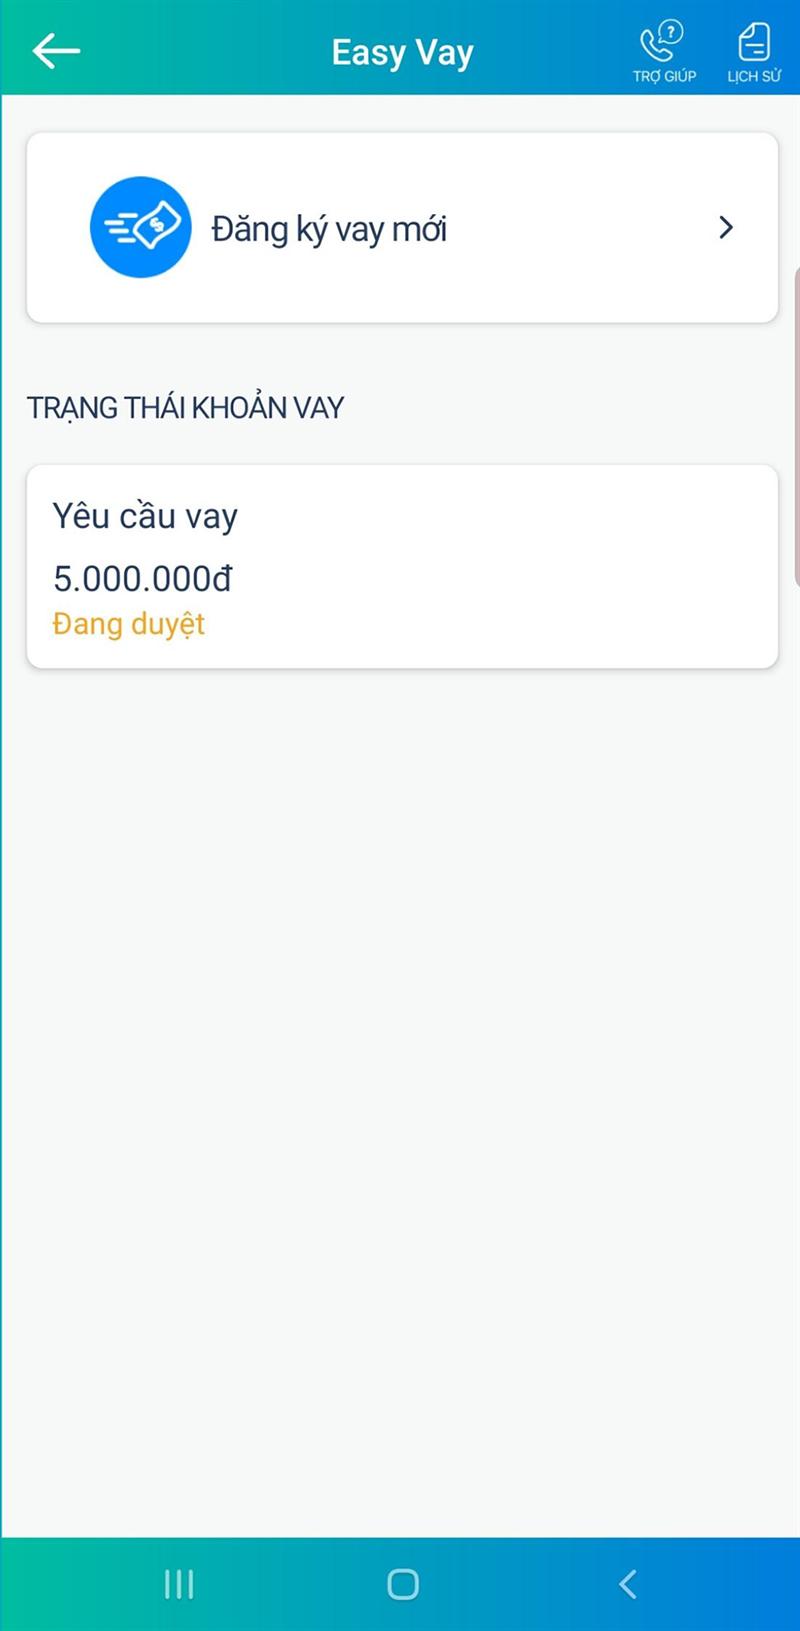 Hướng dẫn đăng ký vay tiền Viettelpay